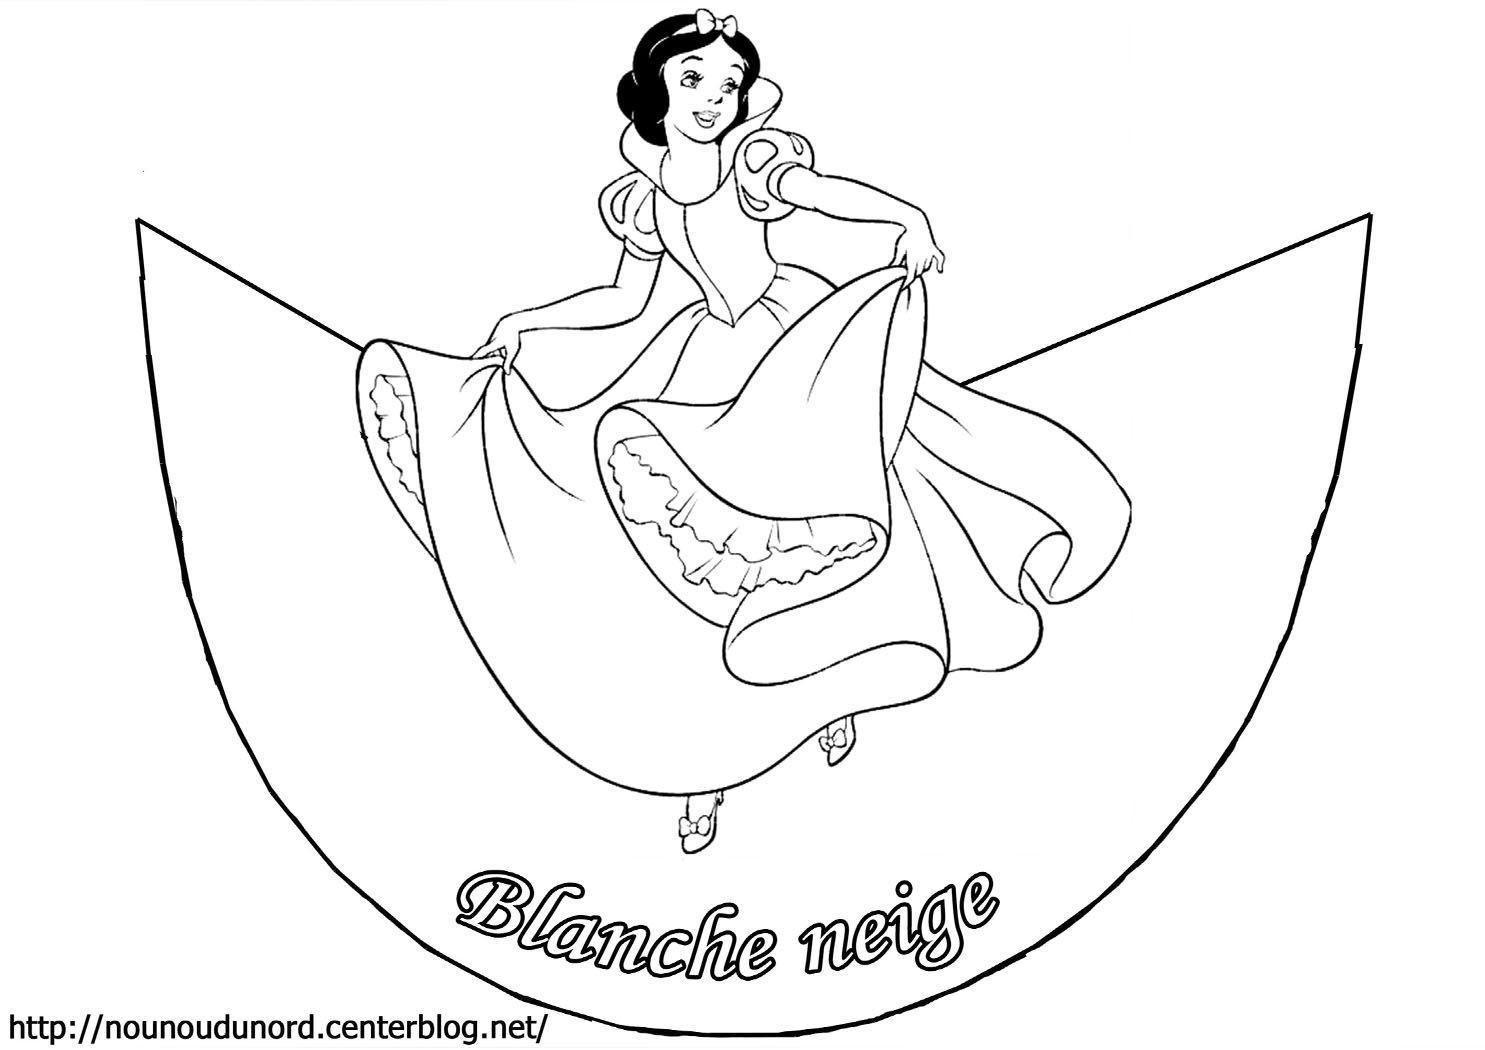 Coloriage Cône Blanche Neige Et Les 7 Nains Avec La Sorcière destiné Blanche Neige A Colorier